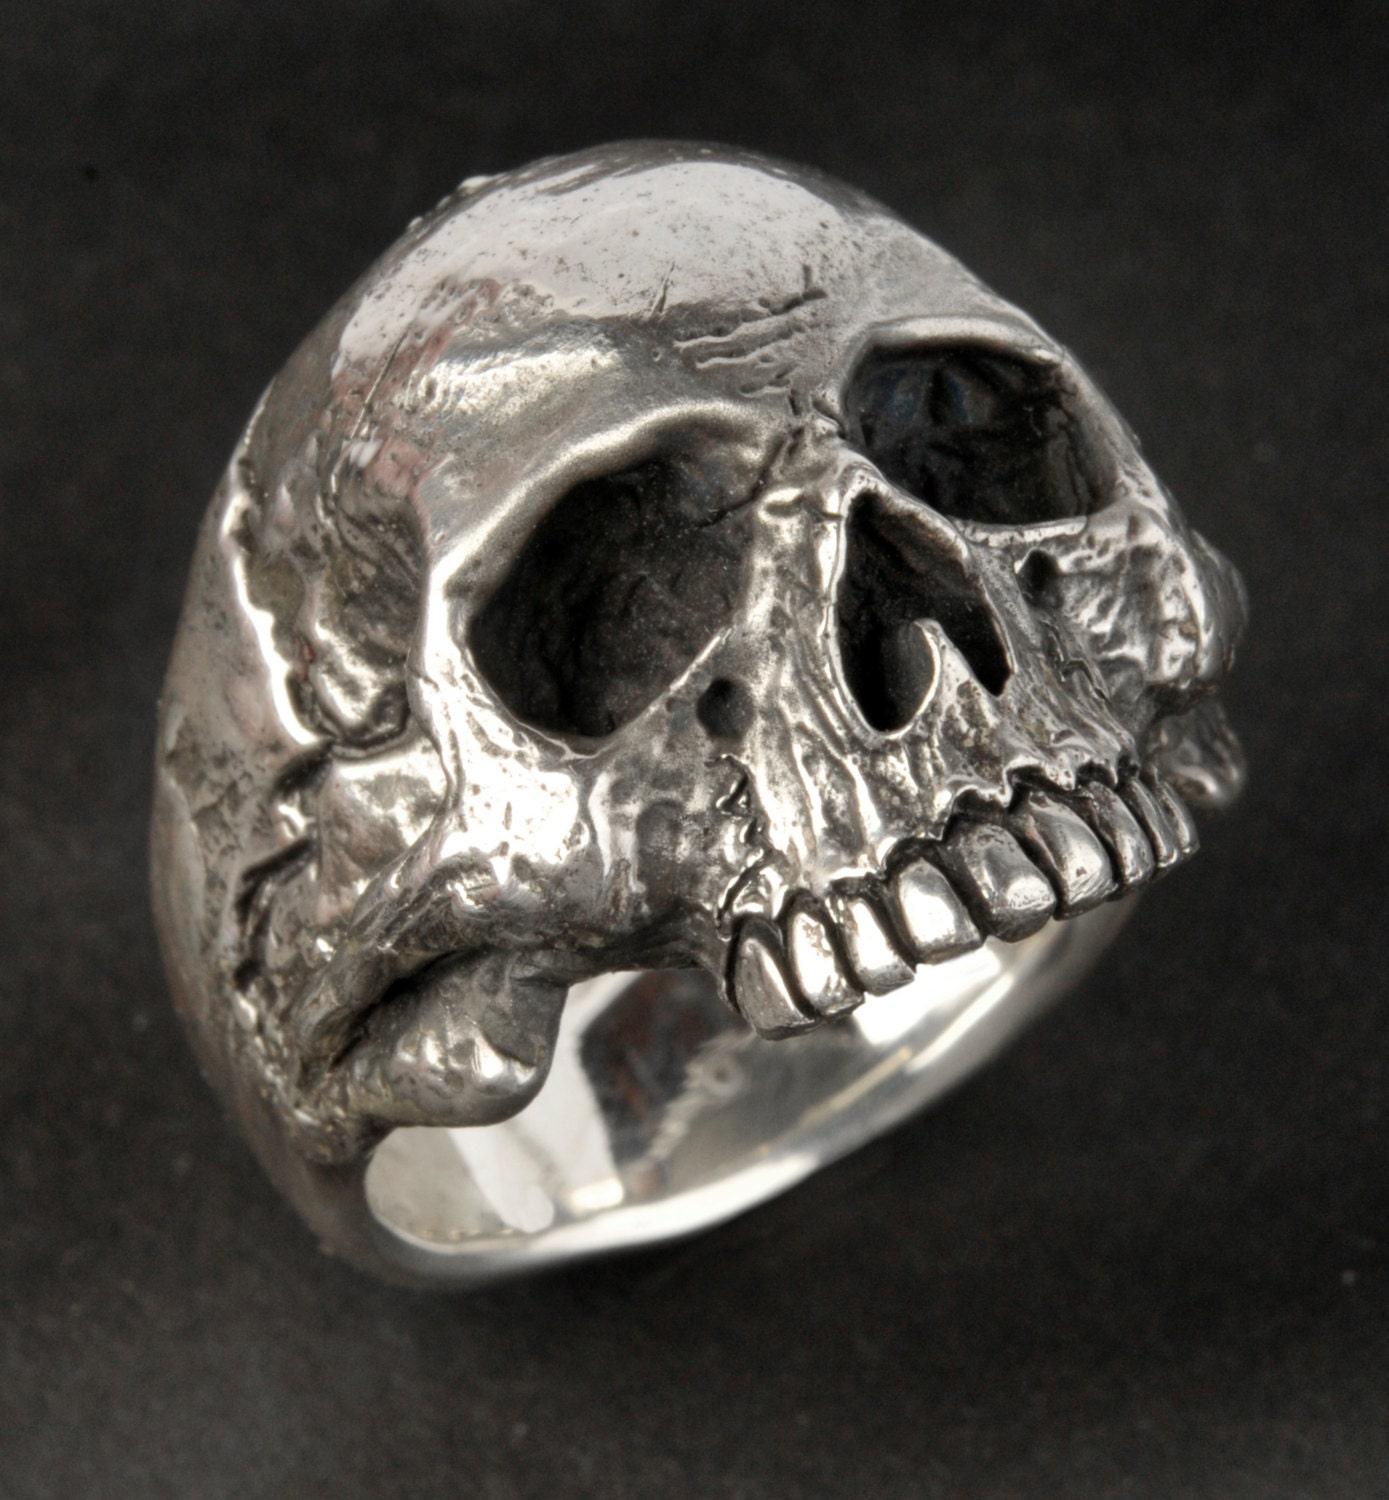 Skull Ring Small Medium size Silver Skull Ring Mens or